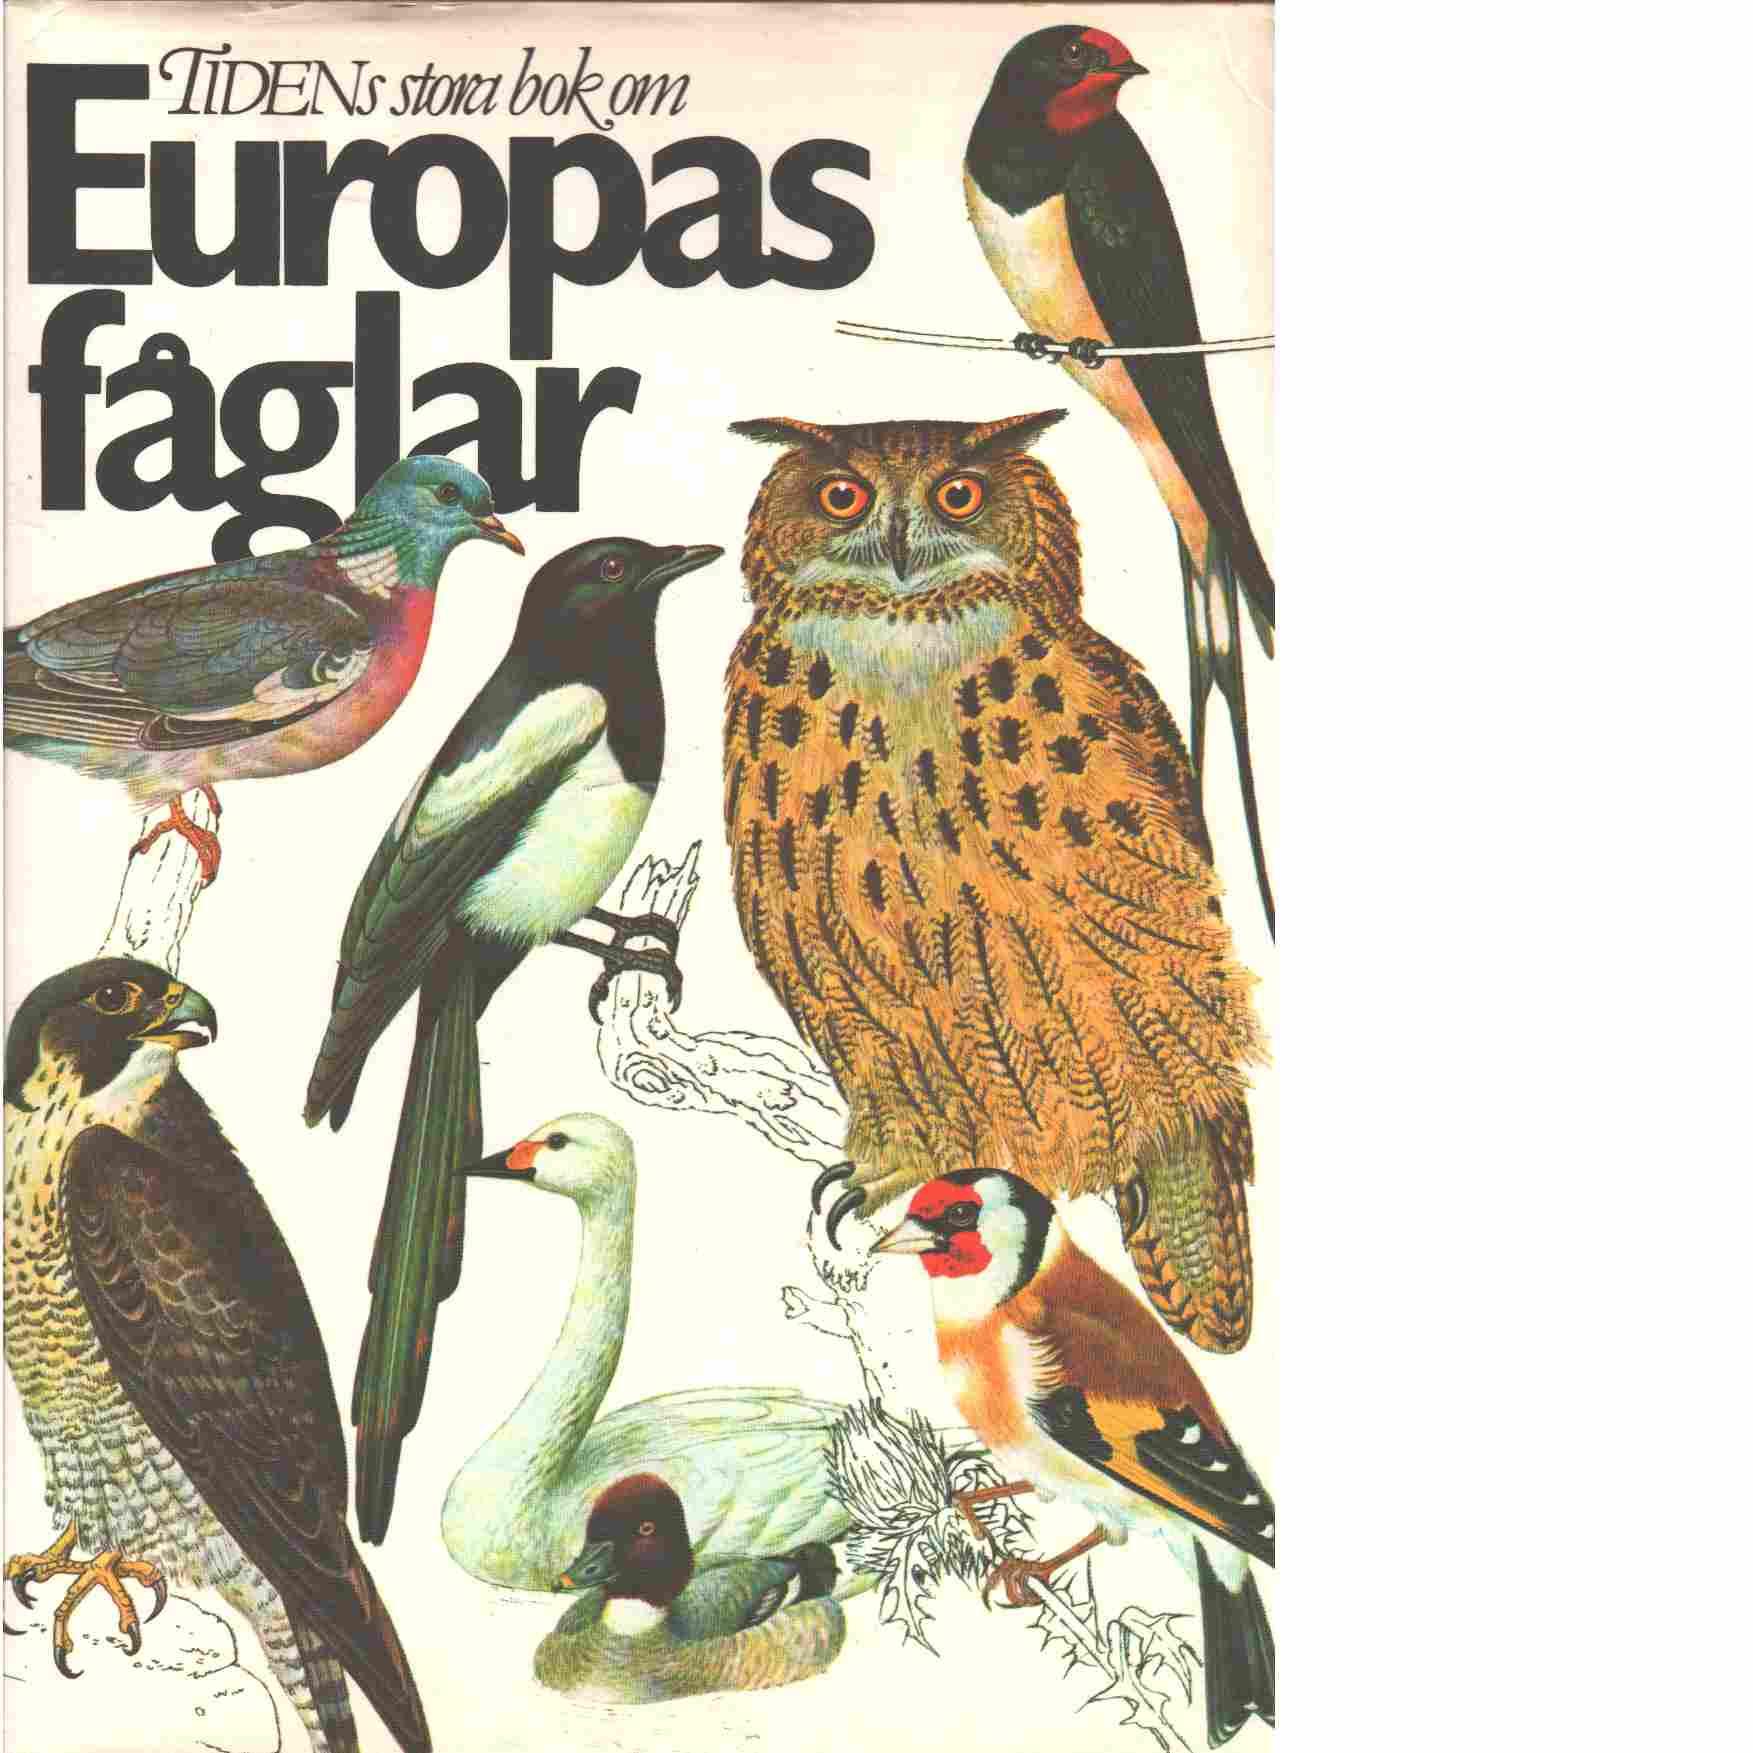 Tidens stora bok om Europas fåglar - Felix, Jir?i